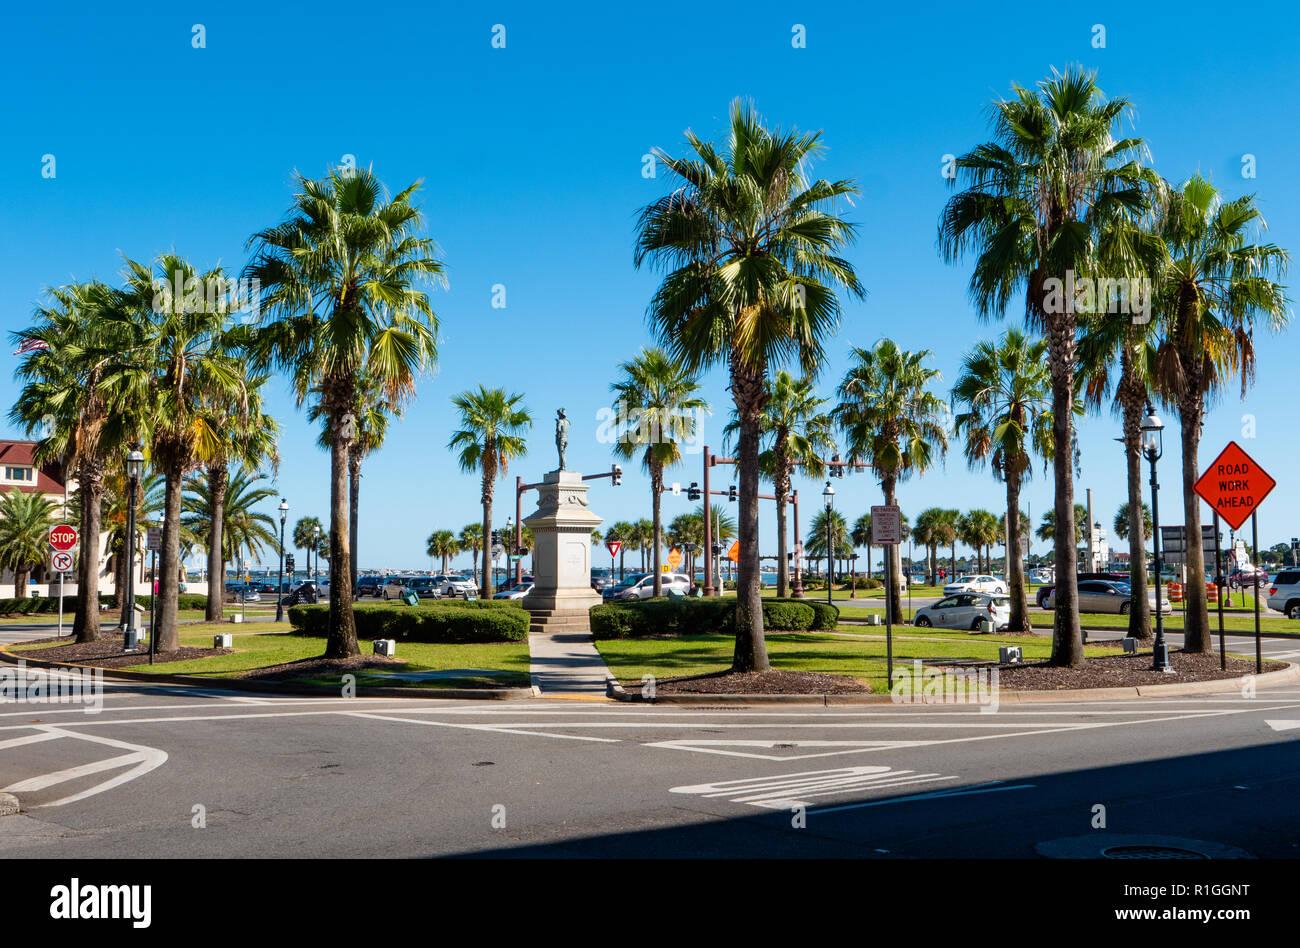 """Commemorative Statue von Ponce de Leon Spanisch explorer Conquistador und 'discoverer"""" von Florida auf einer von Palmen gesäumten Kreisverkehr in St. Augustine USA Stockbild"""